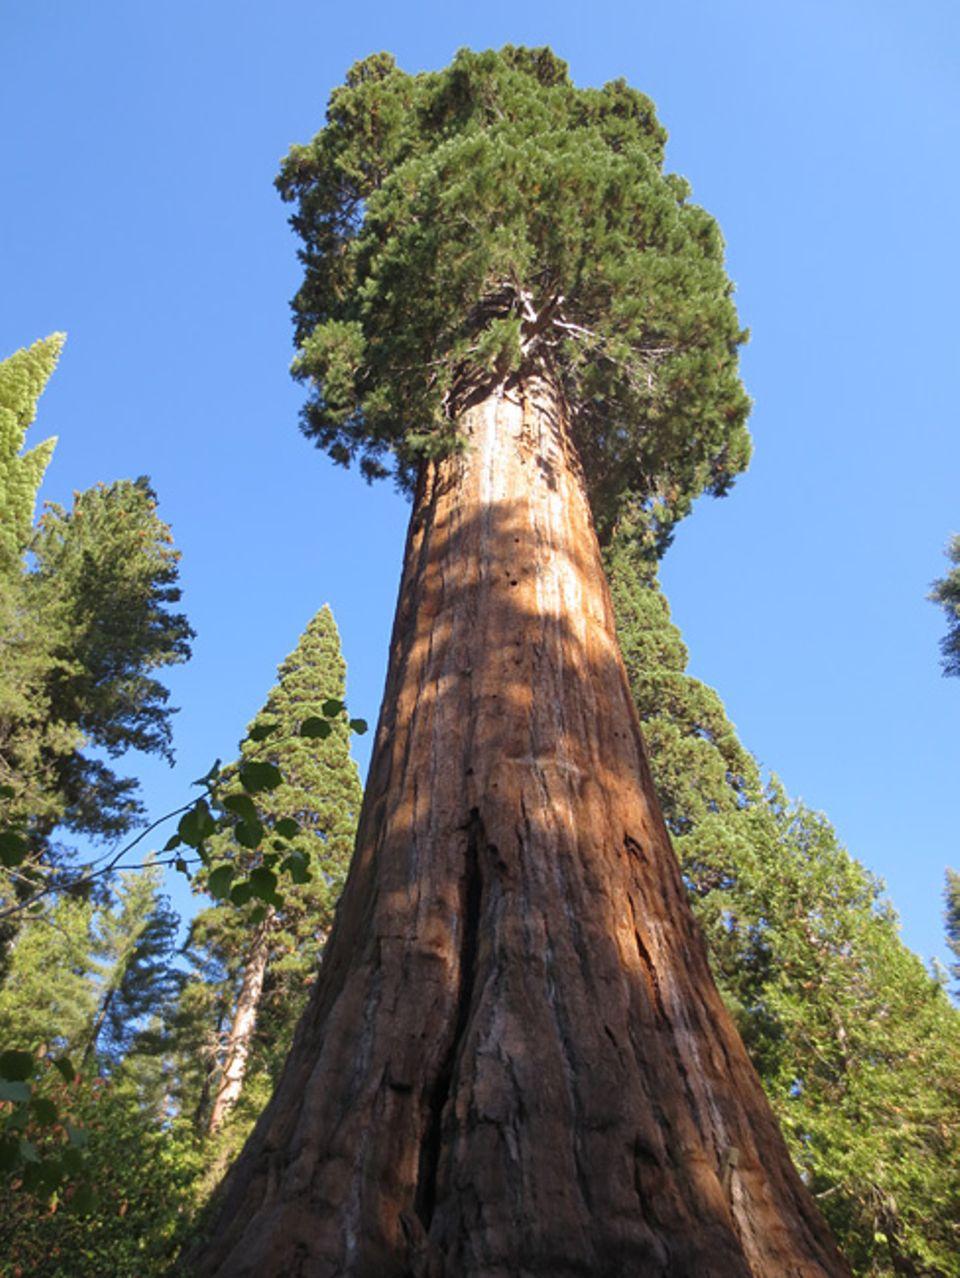 Ihren Namen haben die Redwoods, Rothölzer, von der roten Farbe ihres Stammes. An der Pazifikküste im Norden Kaliforniens und im Süden Oregons wachsen sie auf nur schmalen Landstrichen